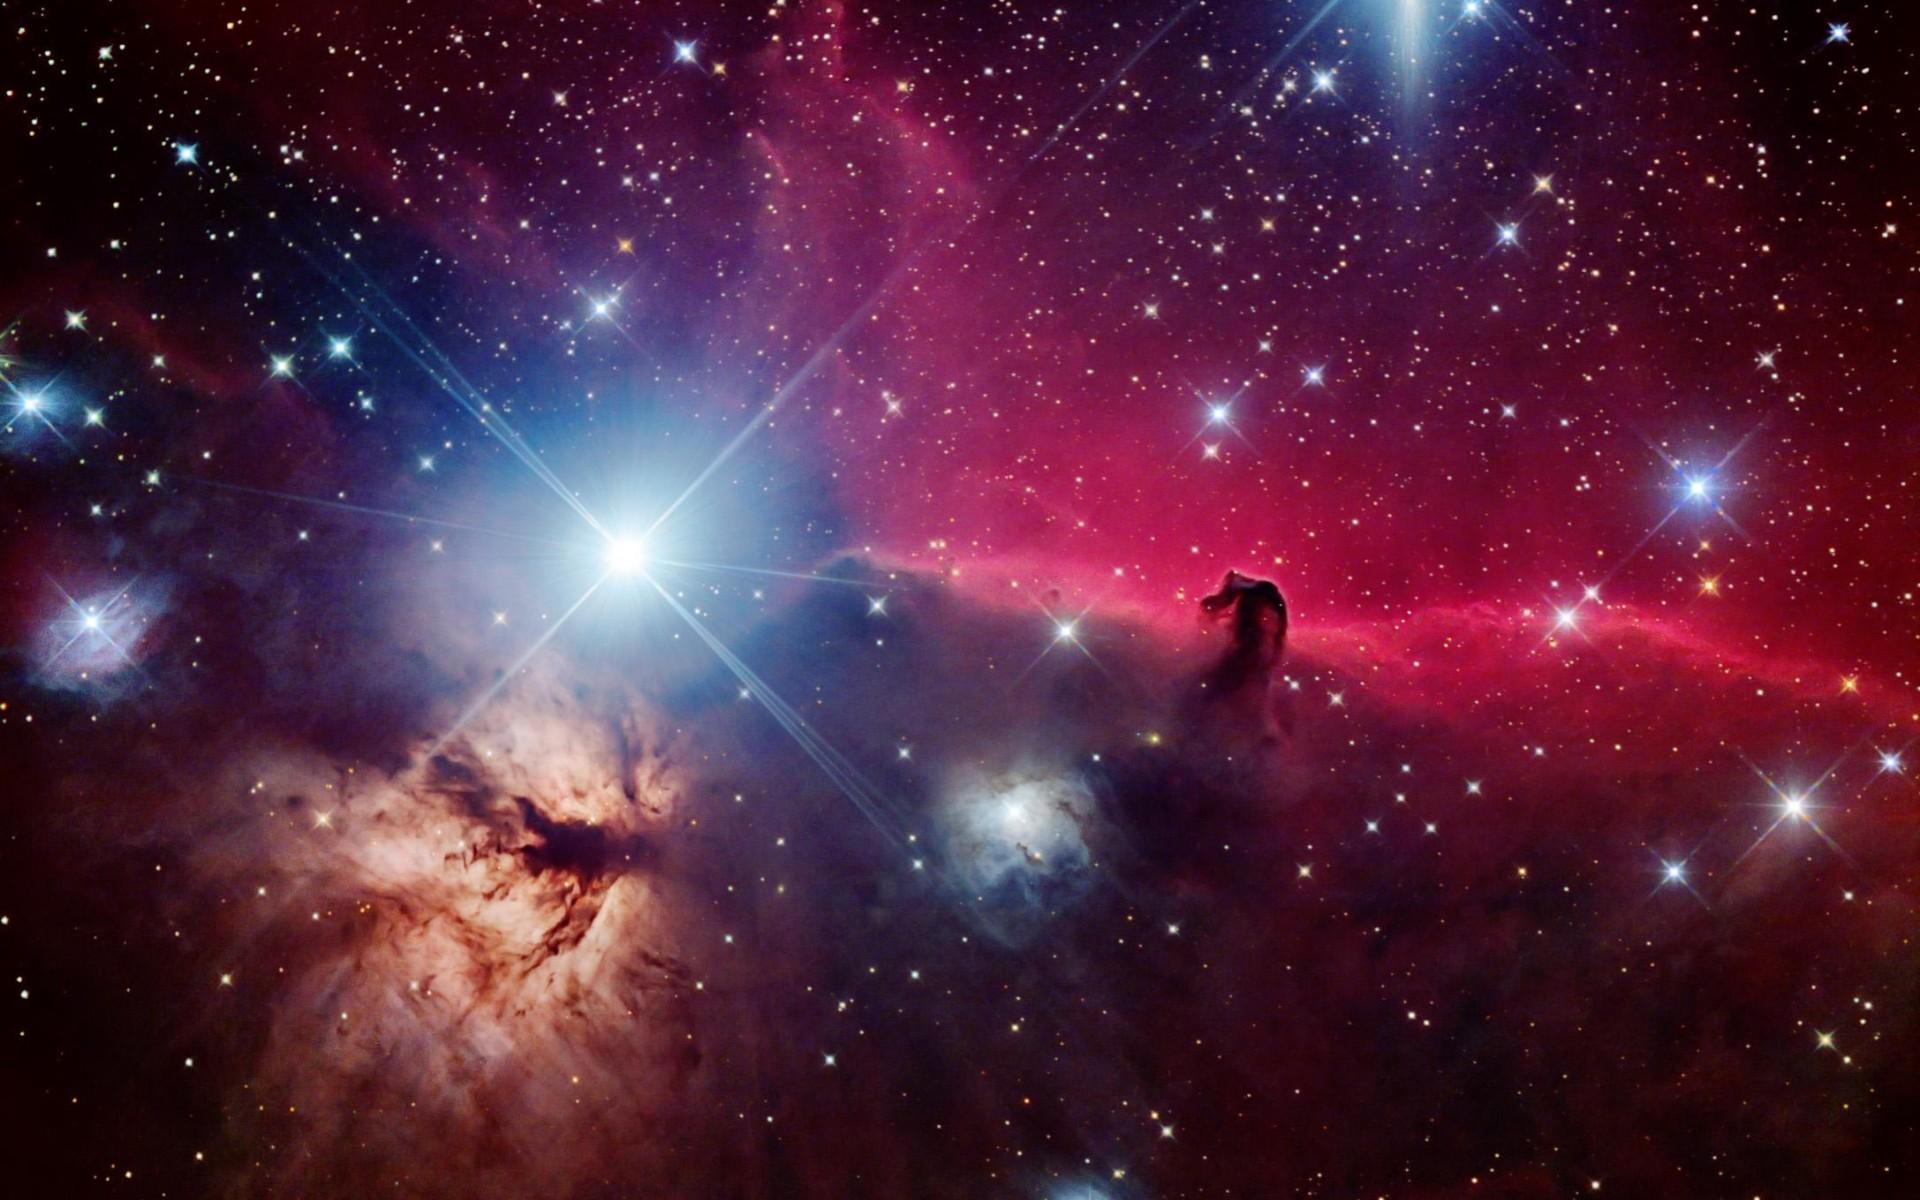 Space stars beautiful nebula Horsehead nebula wallpaper 1920x1200 1920x1200